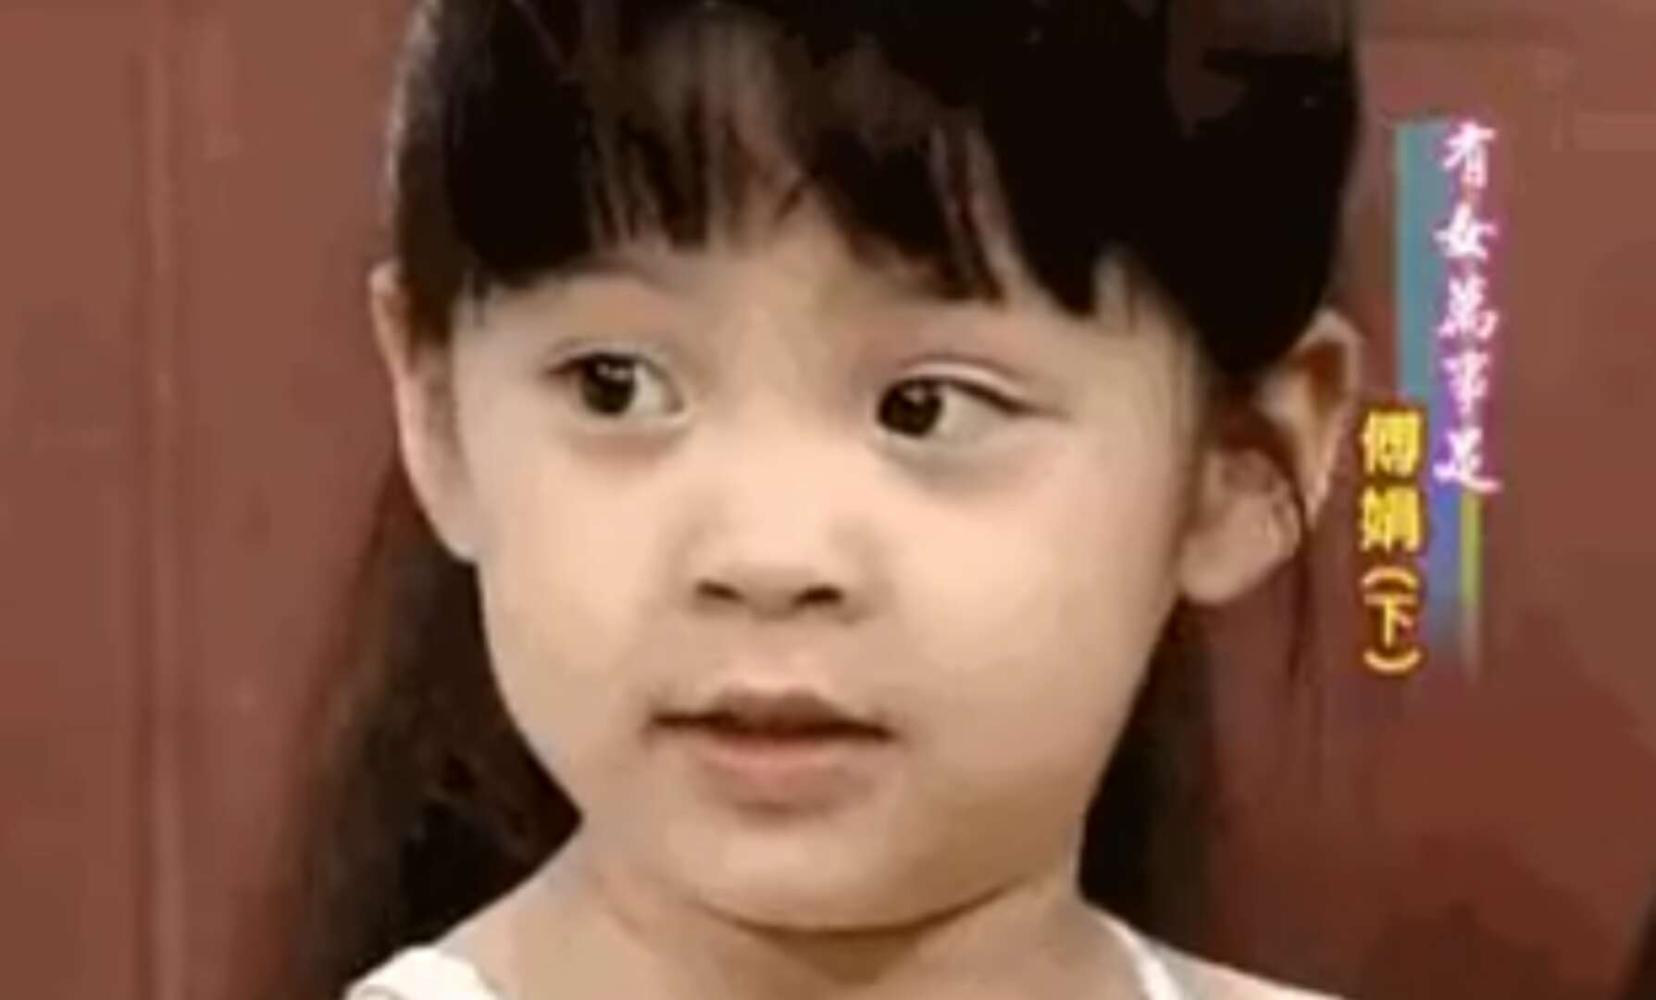 欧阳娜娜软萌童年照曝光, 网友直呼是吃可爱多长大的吧